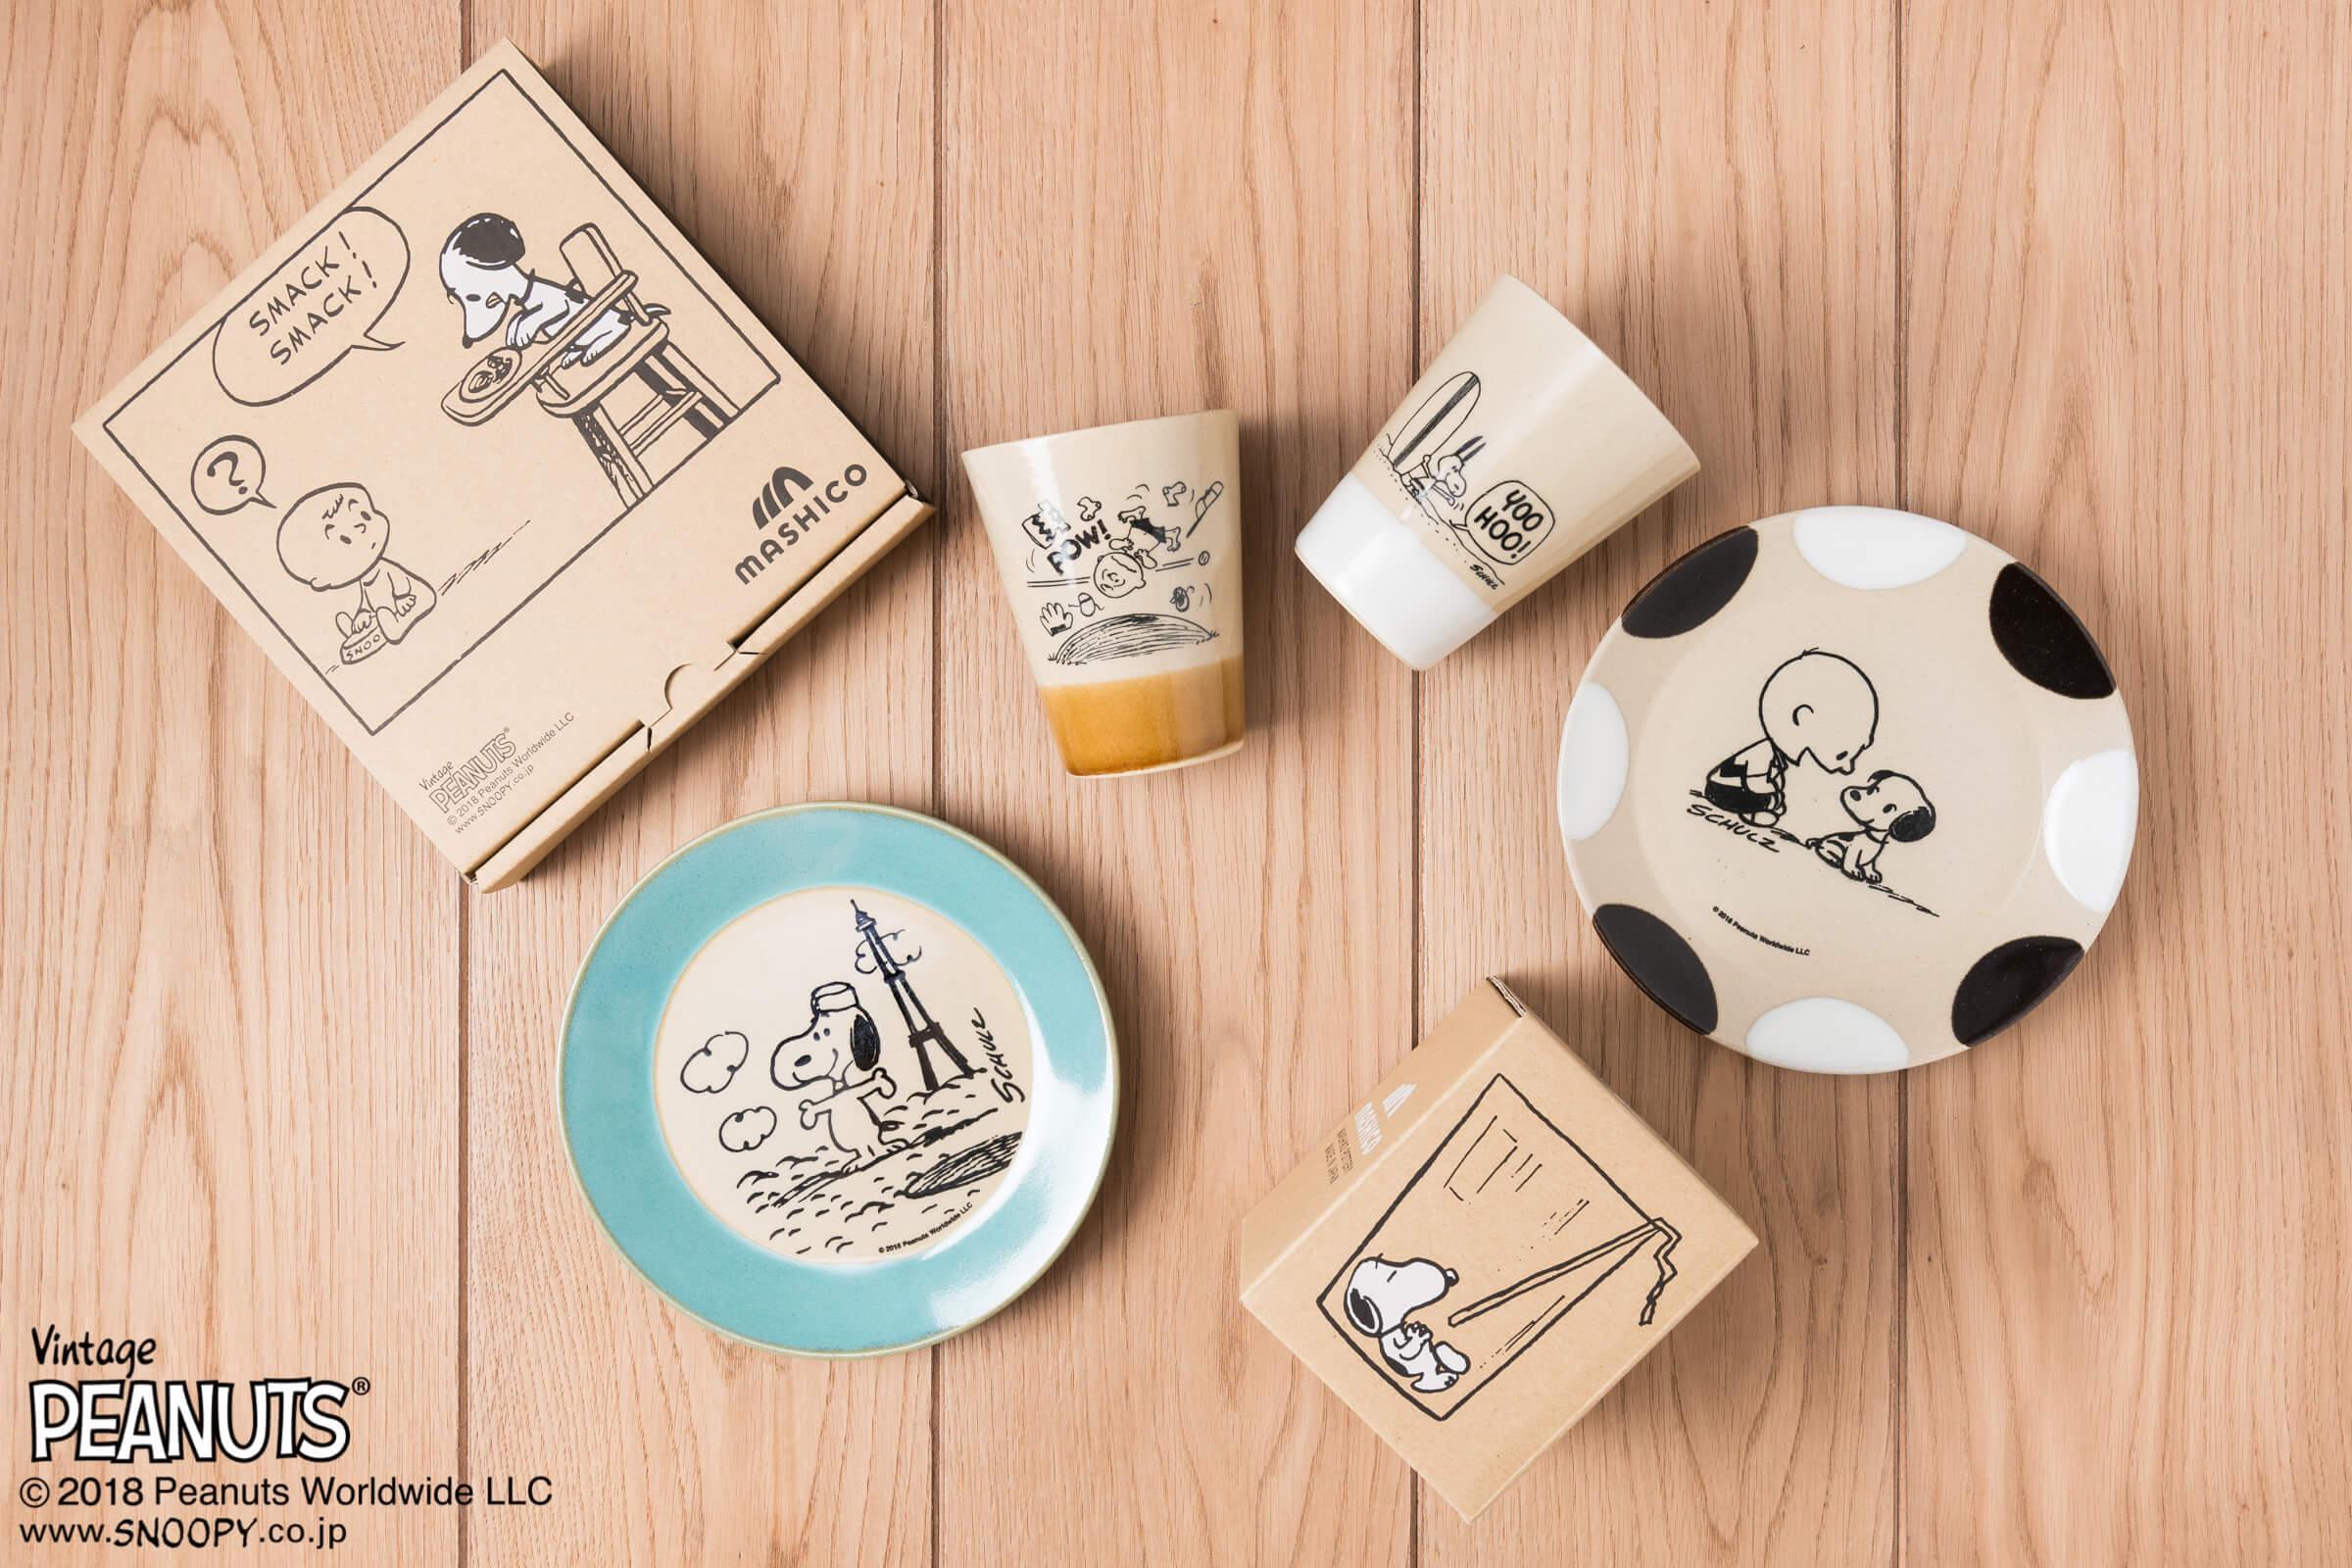 日本傳統工藝「益子焼」與史努比合作!餐具系列登場 snoopy_、